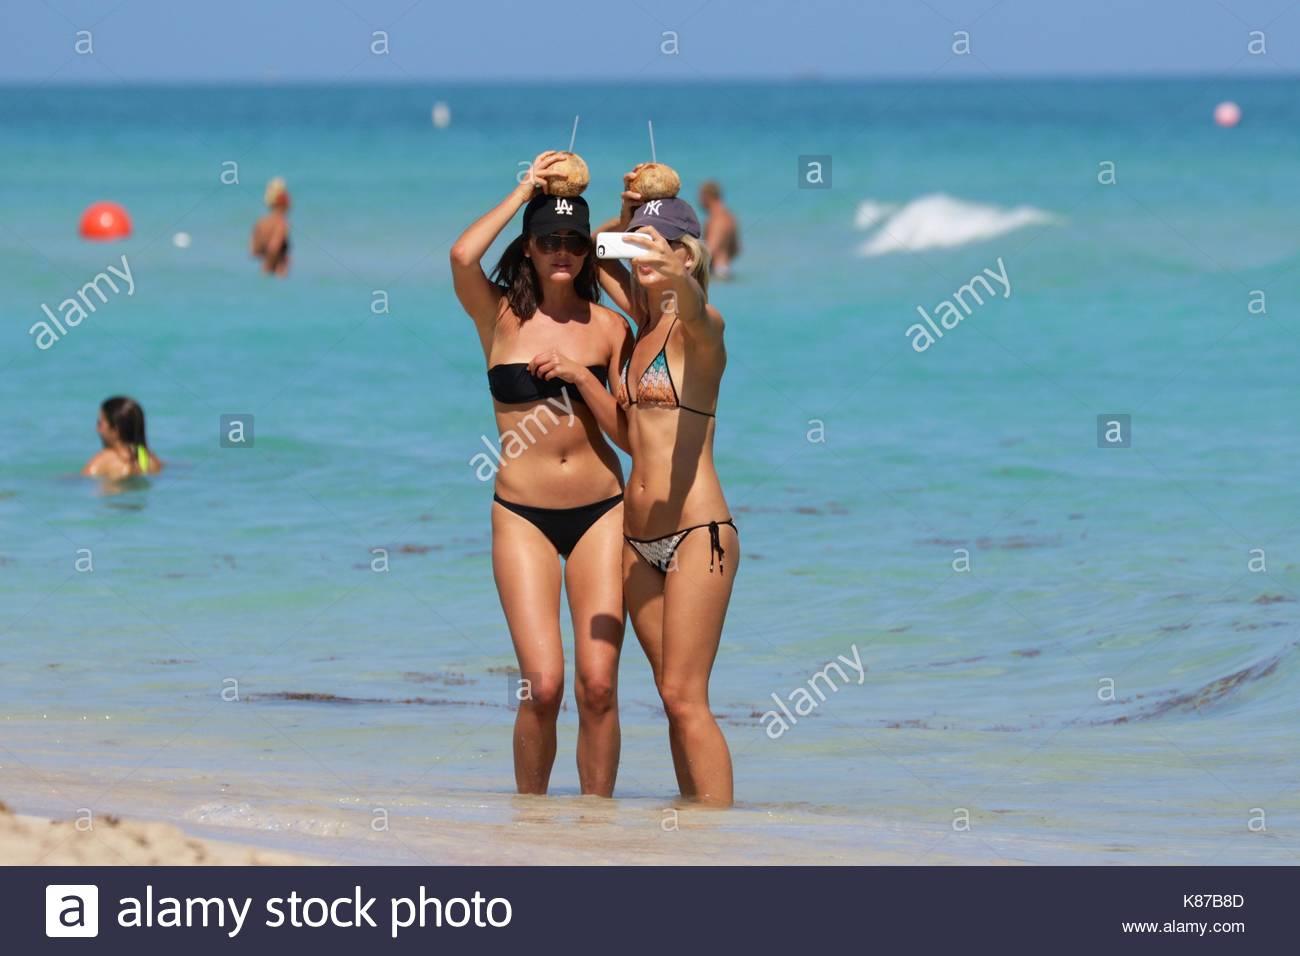 This coconuts bikini right